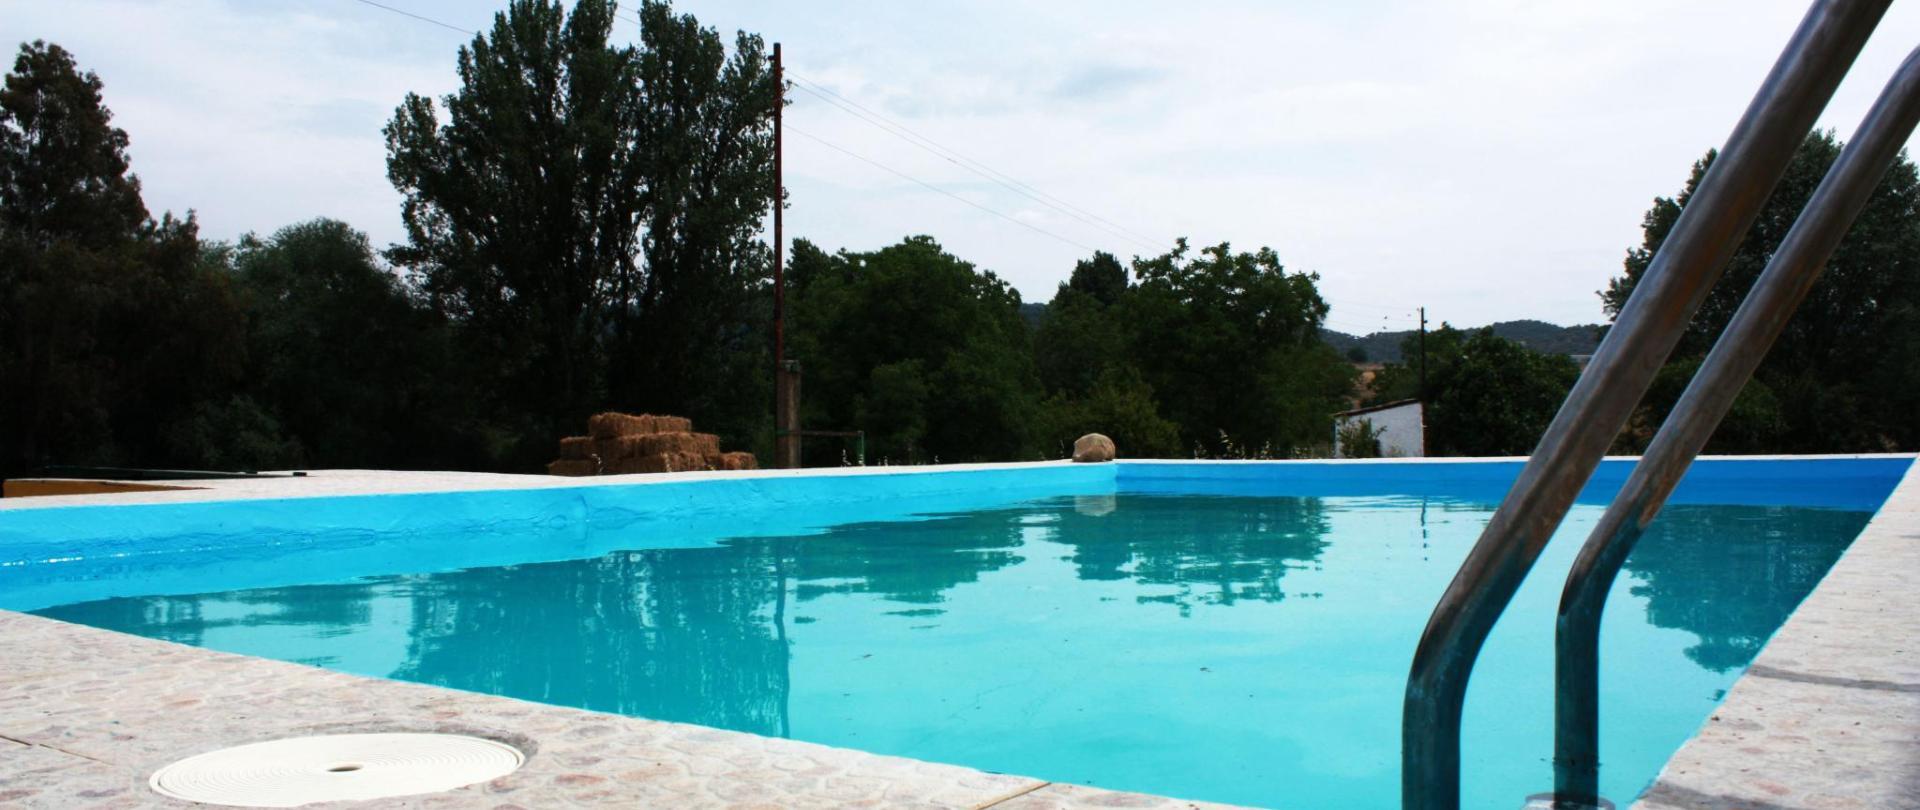 piscina3-casarurallazafrilla.jerezdeloscaballeros.jpg.JPG